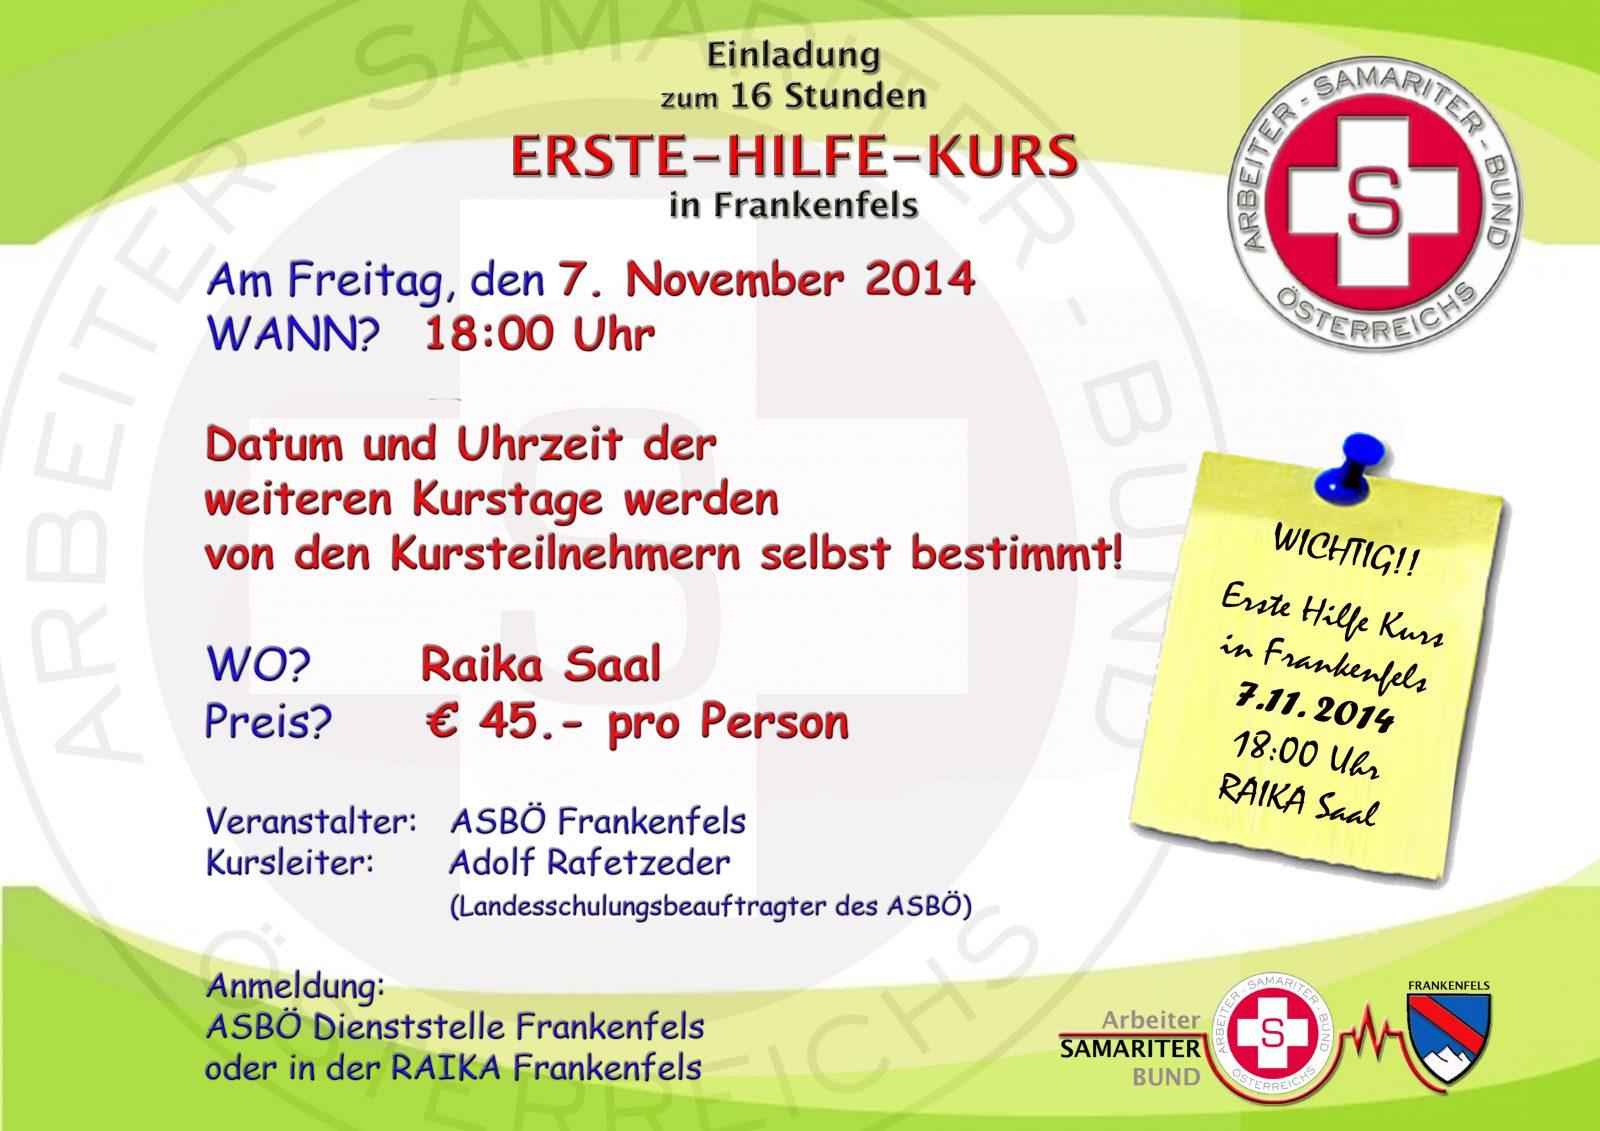 16 stunden erste-hilfe-kurs in frankenfels 2014, Einladung